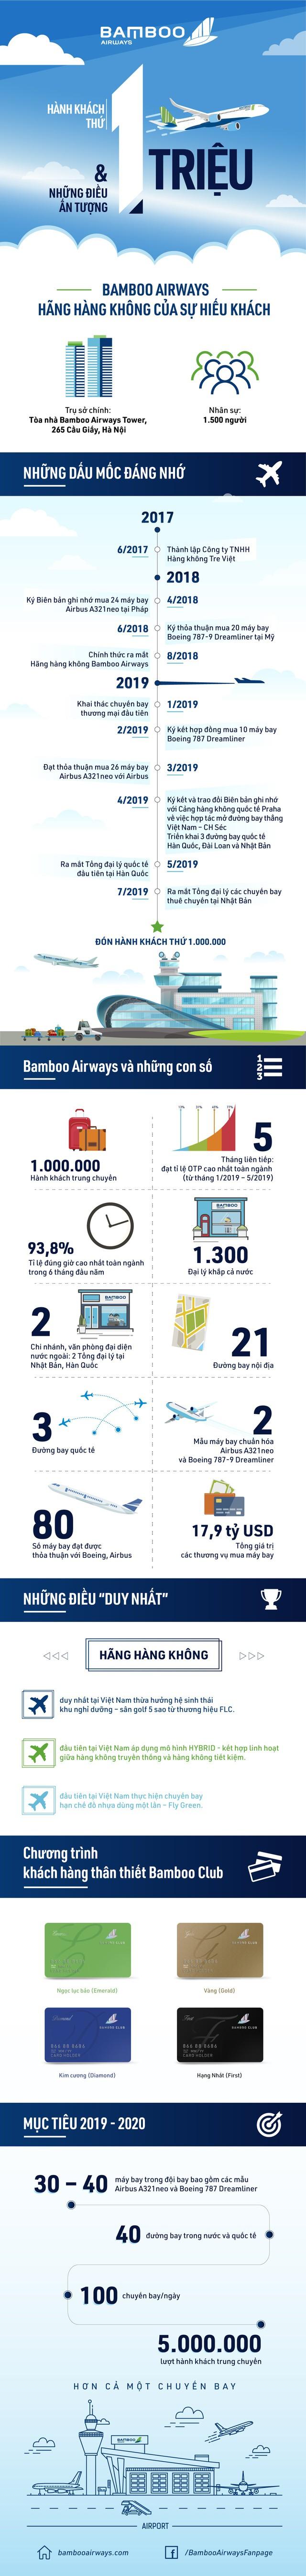 Bamboo Airways đạt 1 triệu hành khách sau 6 tháng hoạt động - Ảnh 1.